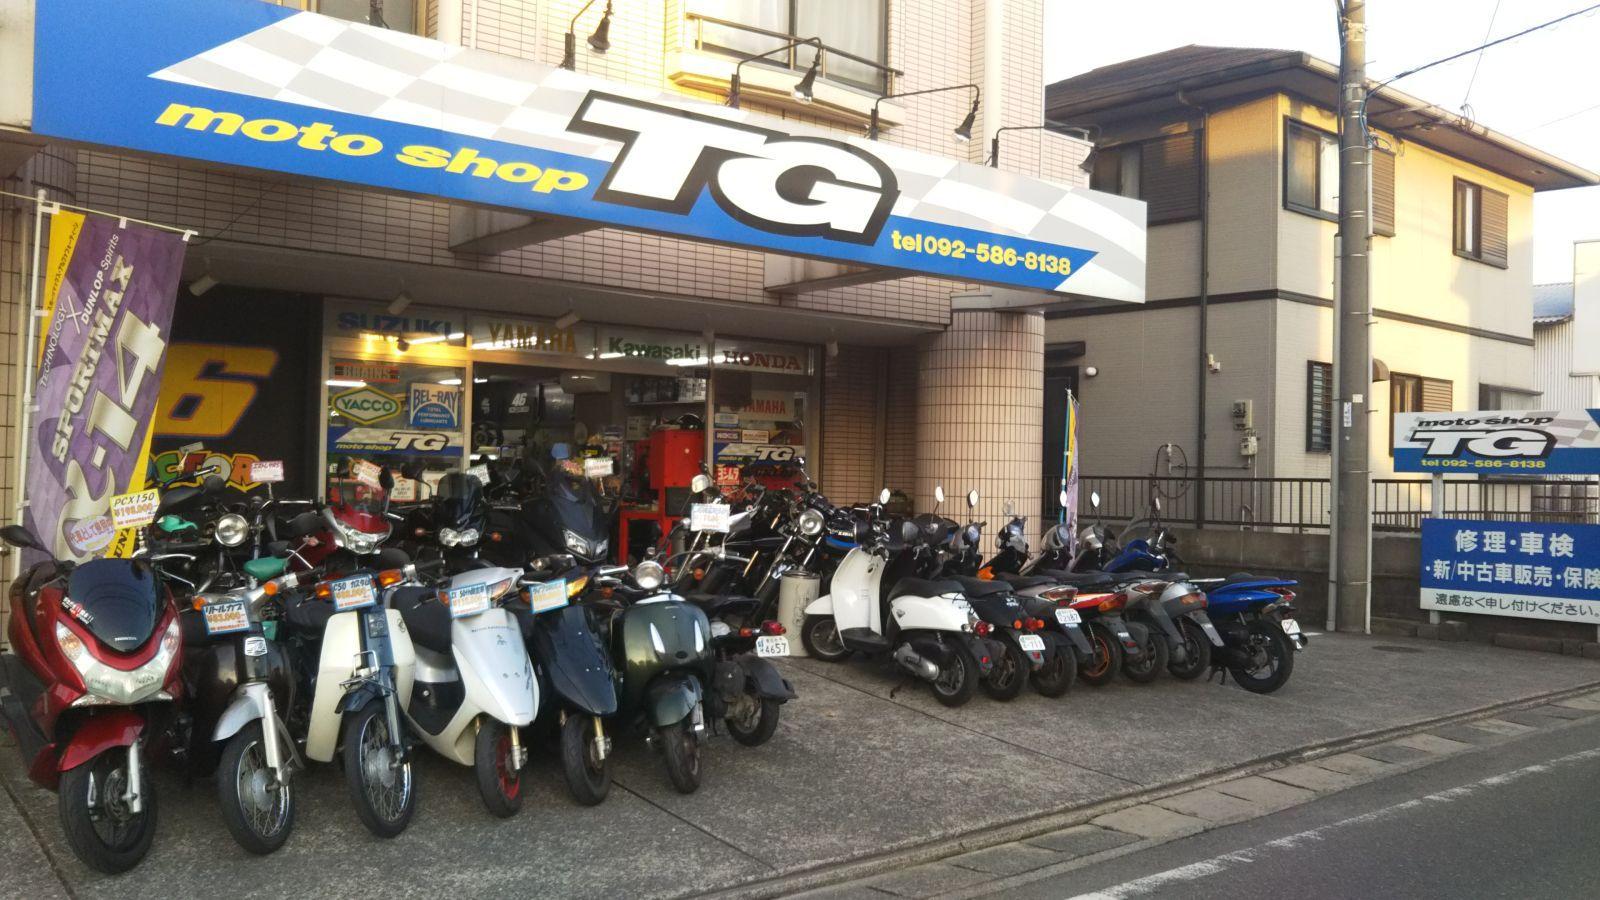 moto shop TG